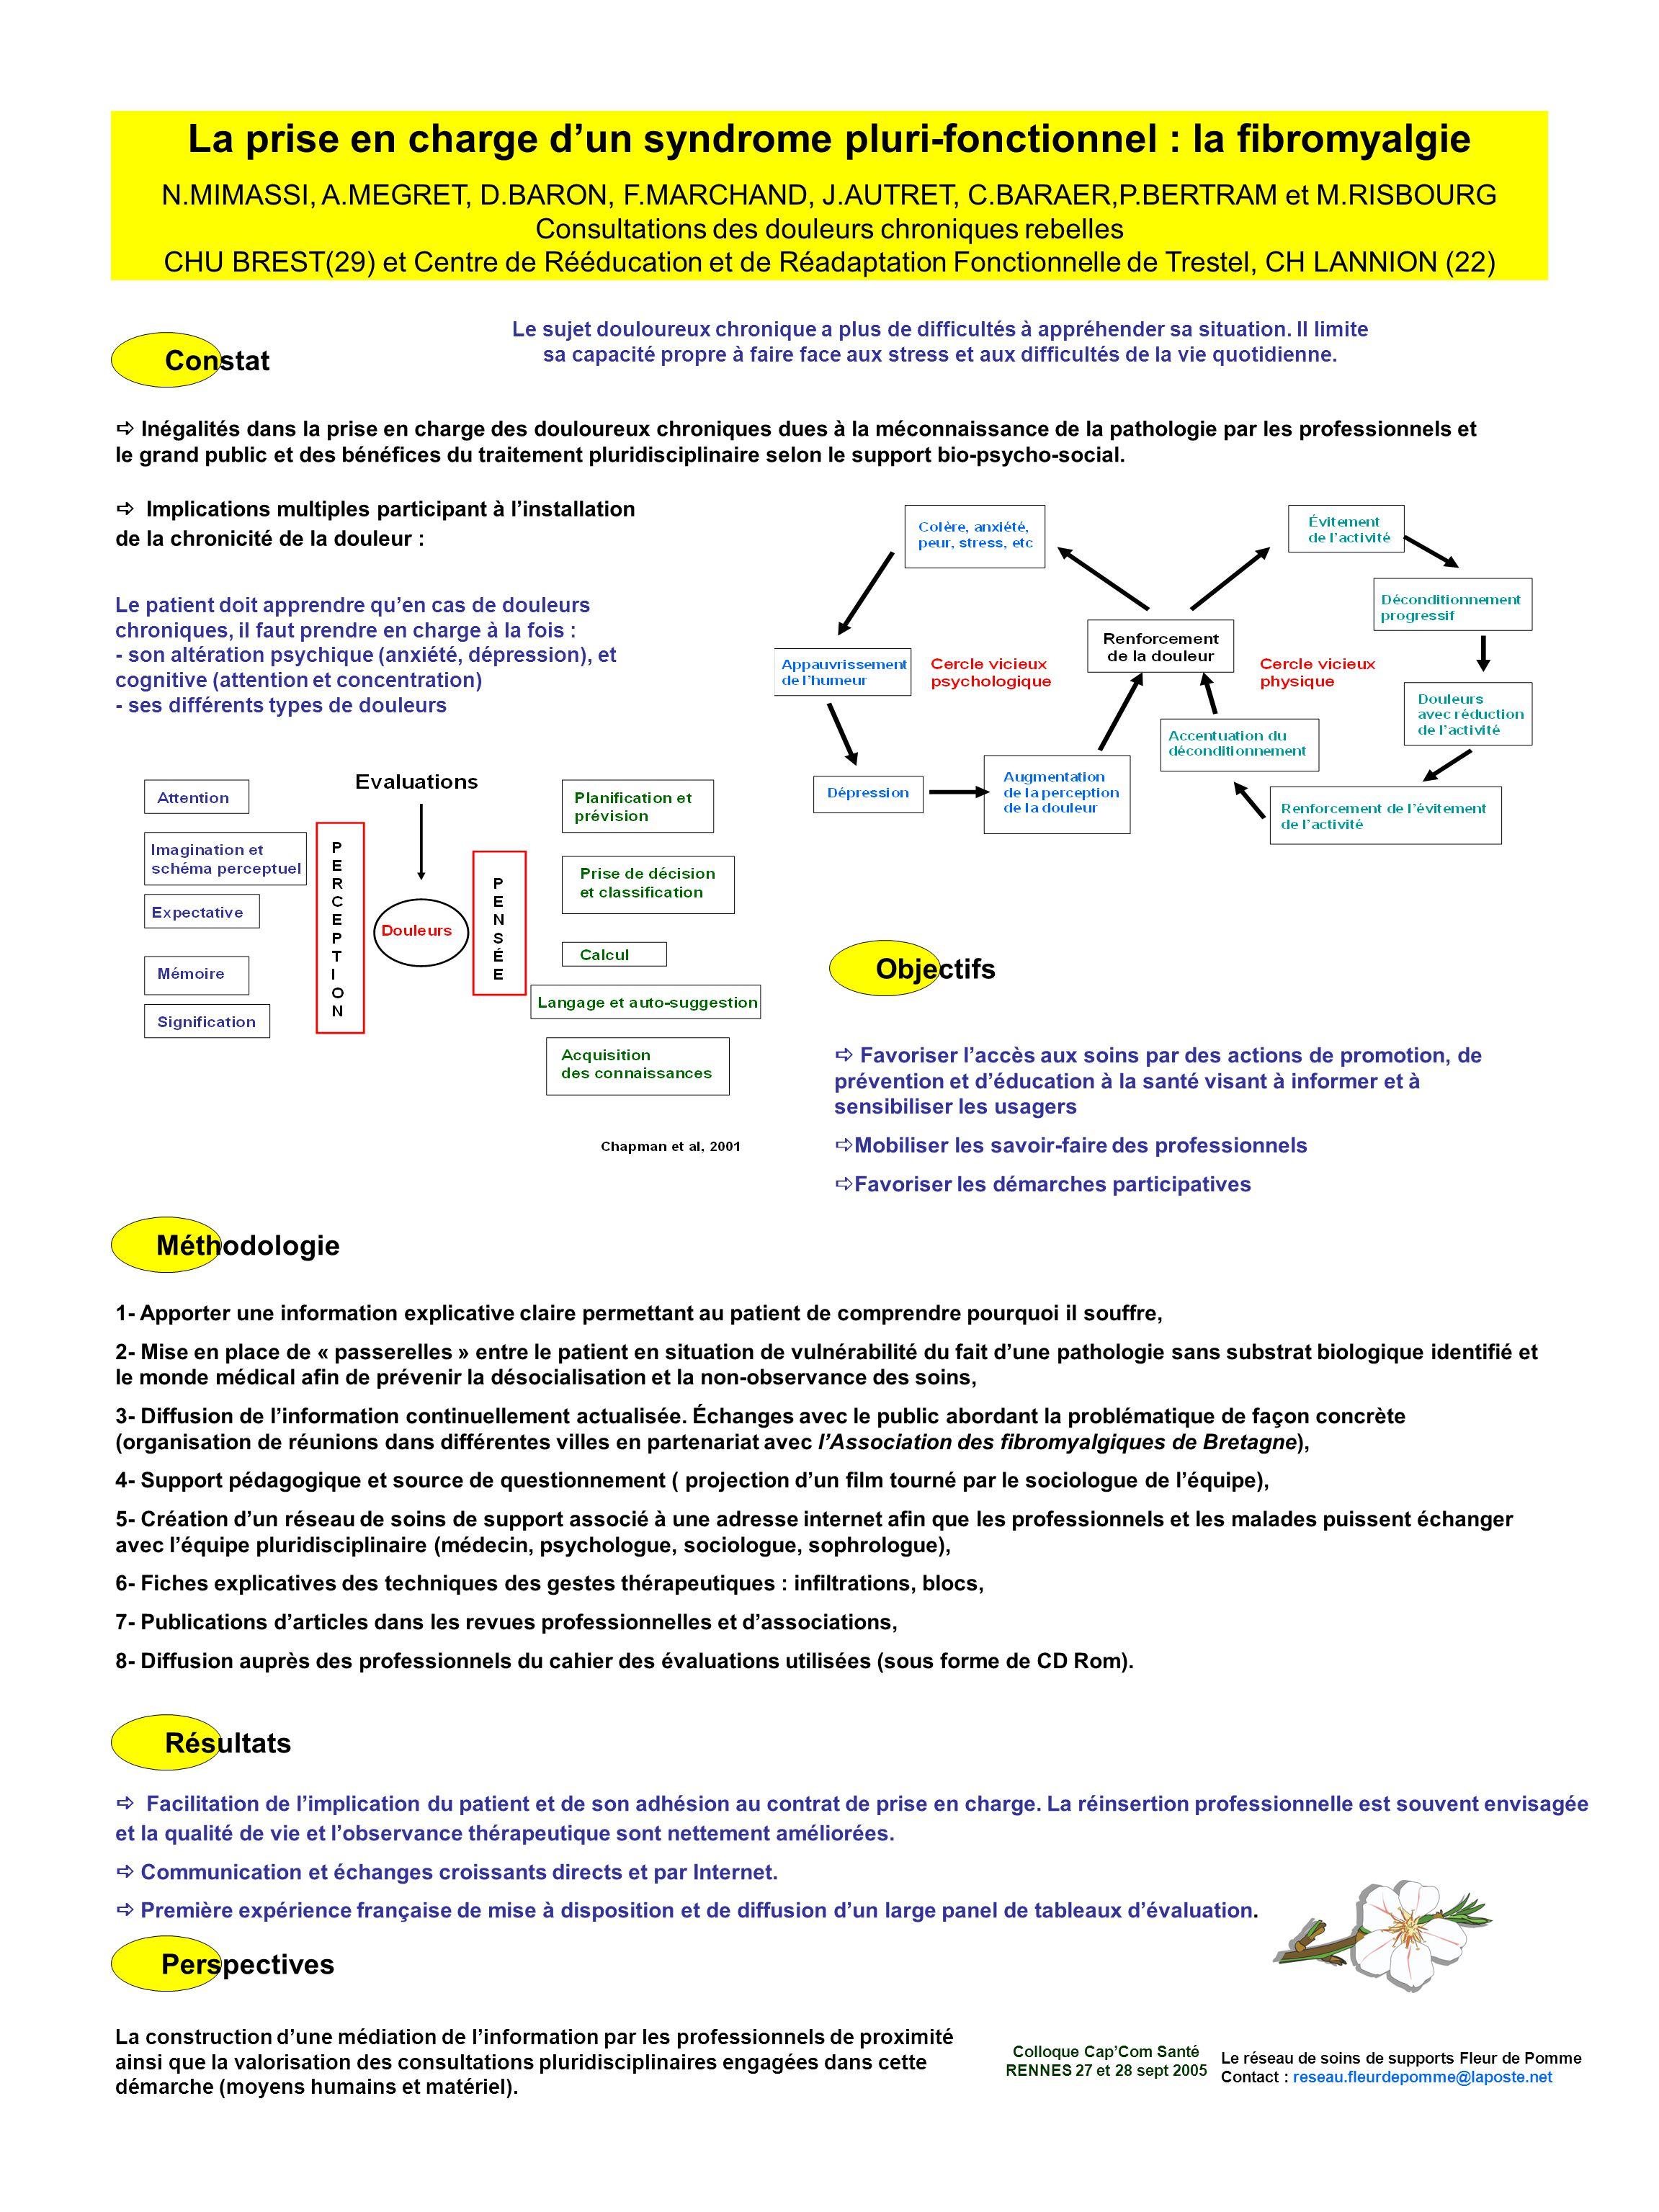 La prise en charge d'un syndrome pluri-fonctionnel : la fibromyalgie N.MIMASSI, A.MEGRET, D.BARON, F.MARCHAND, J.AUTRET, C.BARAER,P.BERTRAM et M.RISBOURG Consultations des douleurs chroniques rebelles CHU BREST(29) et Centre de Rééducation et de Réadaptation Fonctionnelle de Trestel, CH LANNION (22) Constat  Inégalités dans la prise en charge des douloureux chroniques dues à la méconnaissance de la pathologie par les professionnels et le grand public et des bénéfices du traitement pluridisciplinaire selon le support bio-psycho-social.